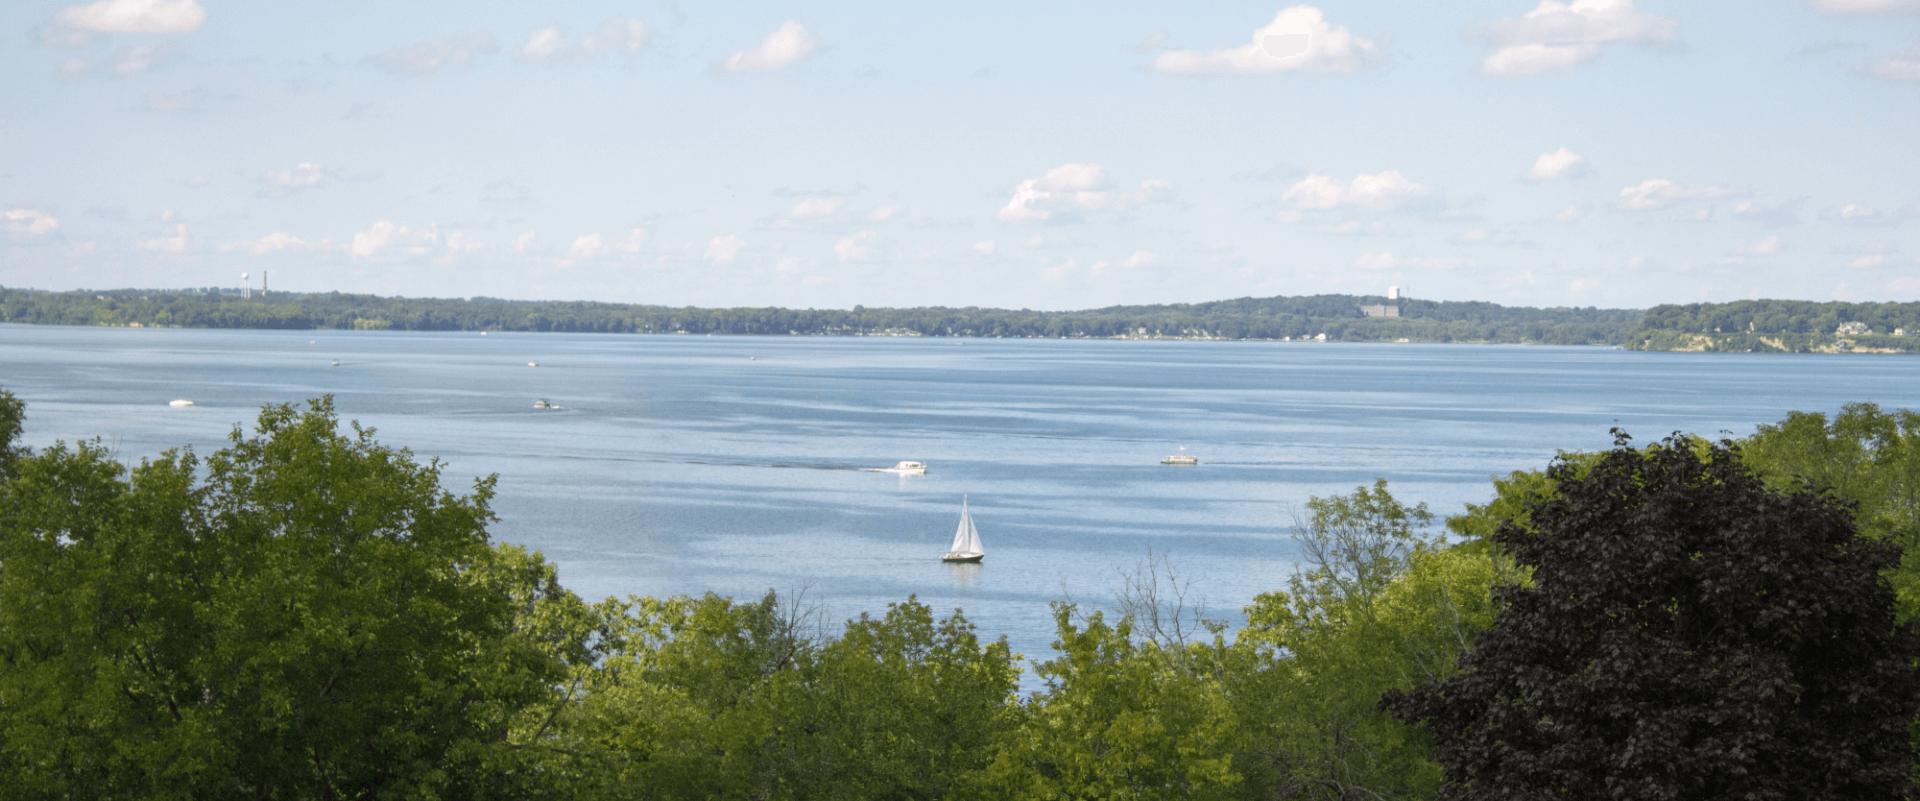 View of Lake Mendota